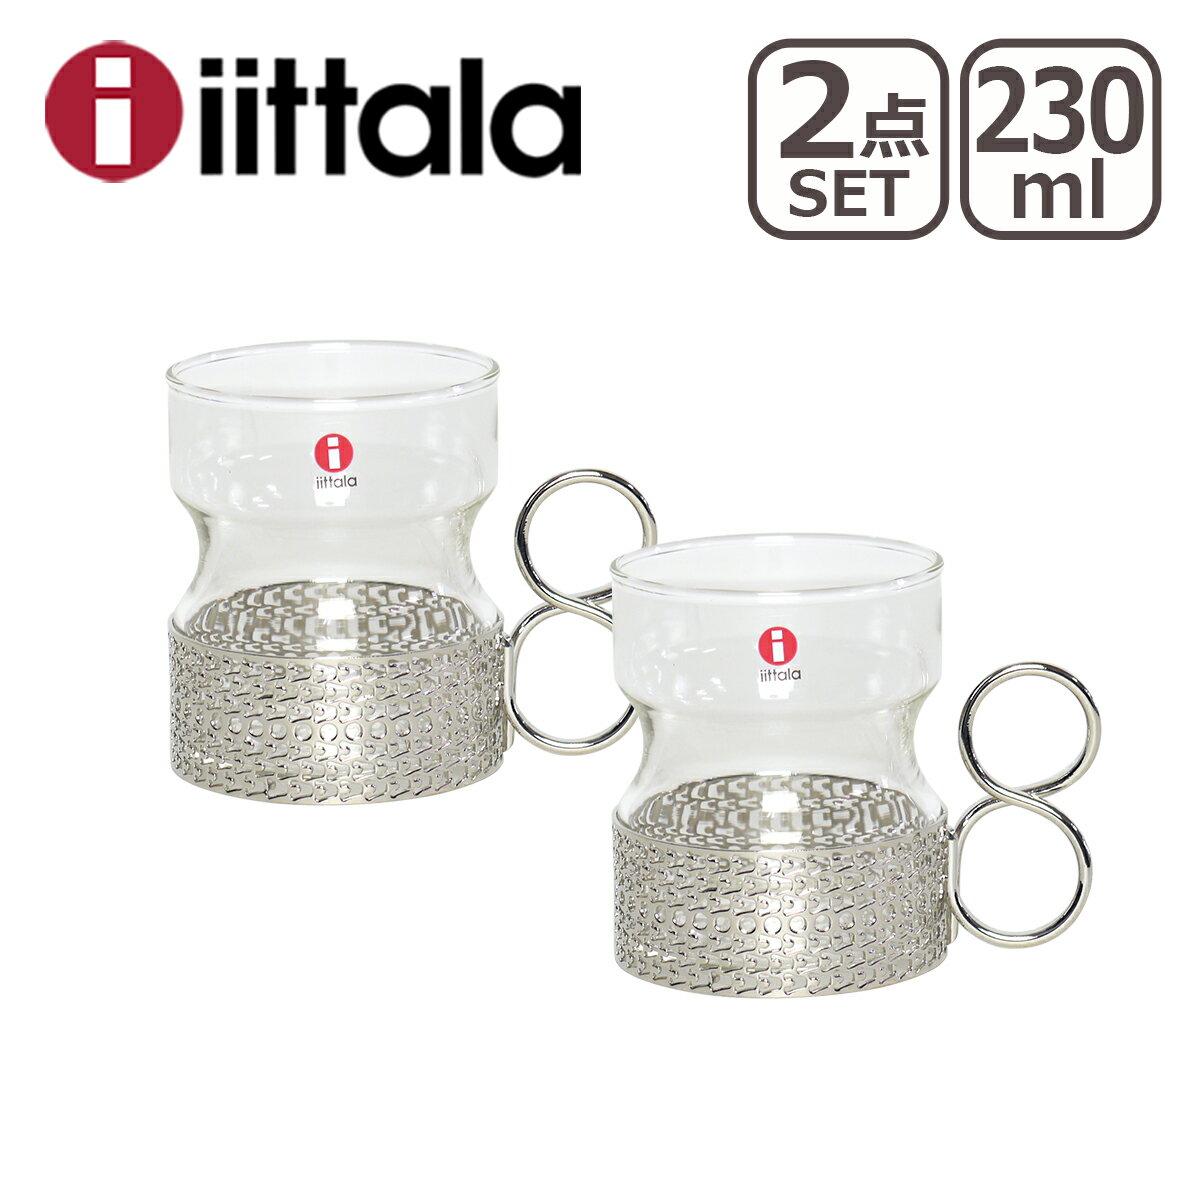 iittala イッタラ Tsaikka (ツァイッカ/トサイカ)タンブラー230ml クリア 2個セット ギフト・のし可 ステンレスホルダー付き グラス